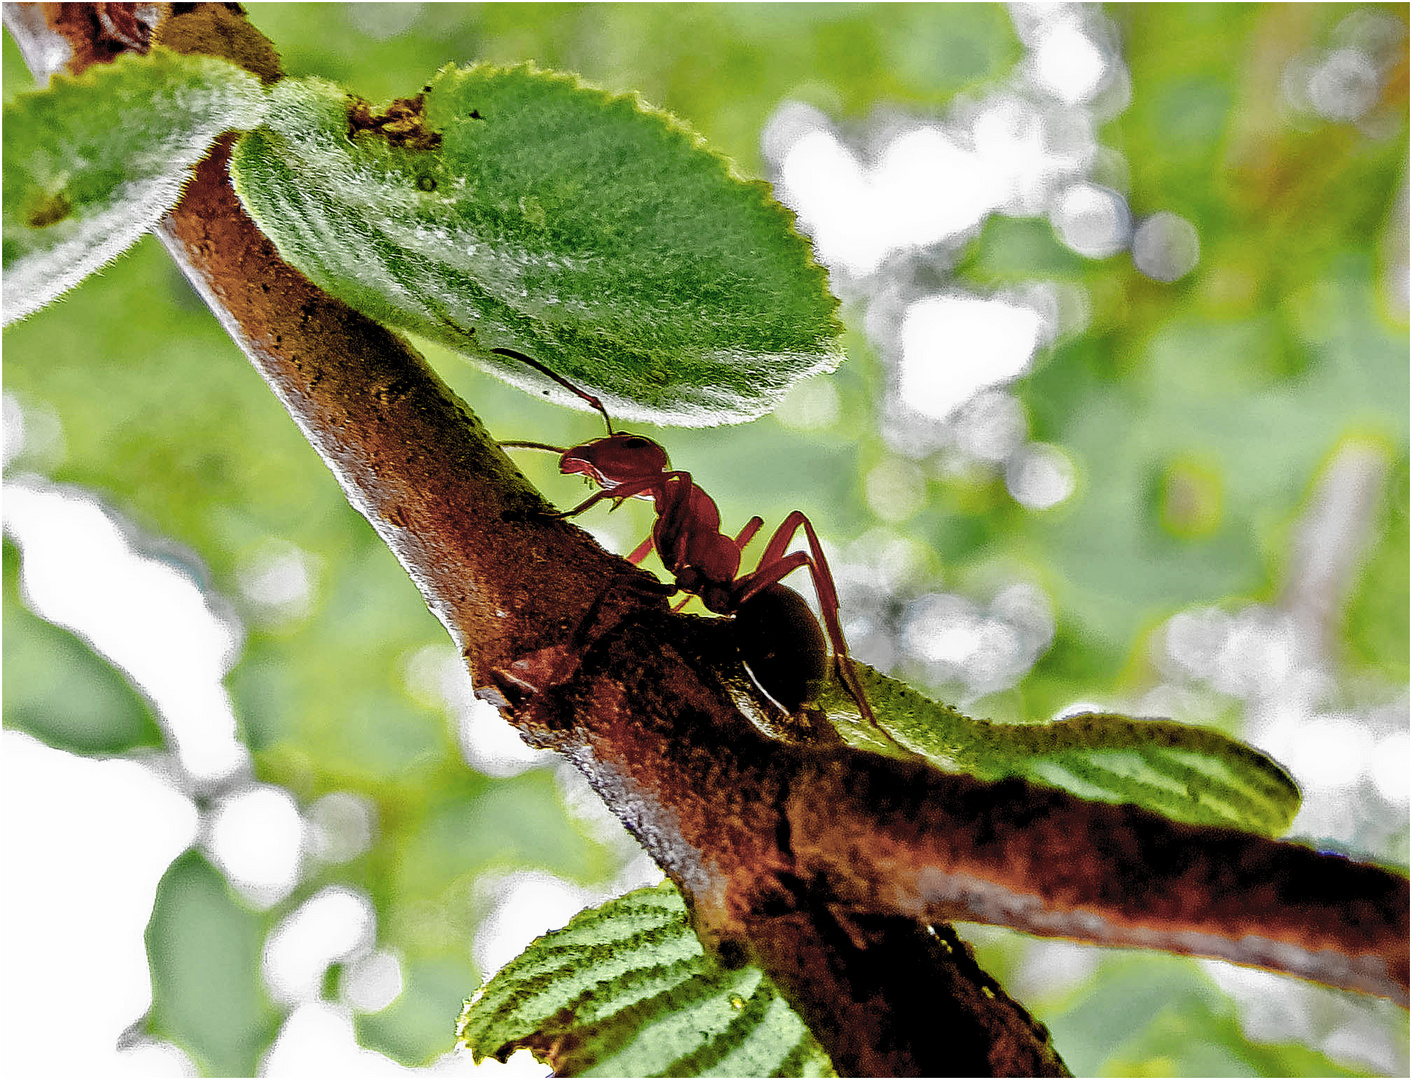 ameisen auf dem baum foto bild tiere wildlife insekten bilder auf fotocommunity. Black Bedroom Furniture Sets. Home Design Ideas